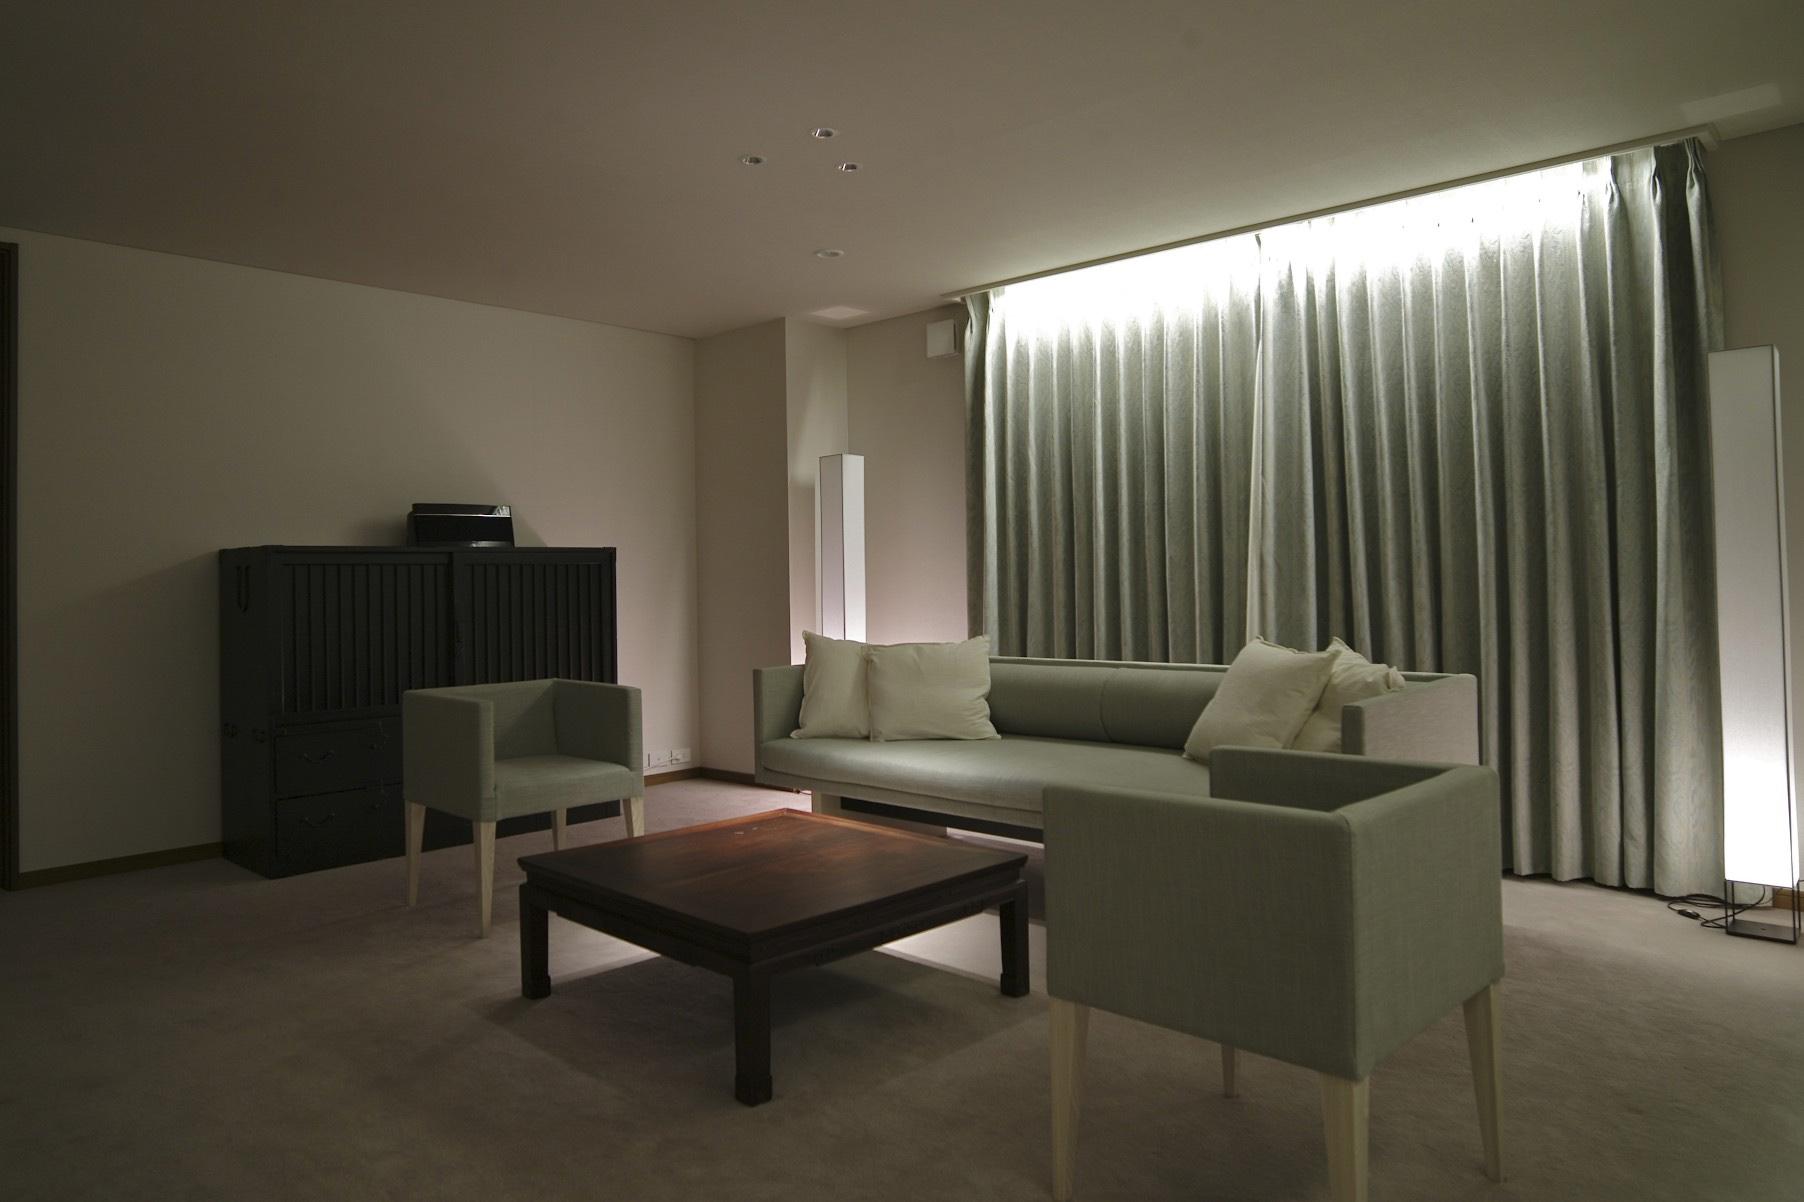 funaya exective lounge _e0203309_2147749.jpg